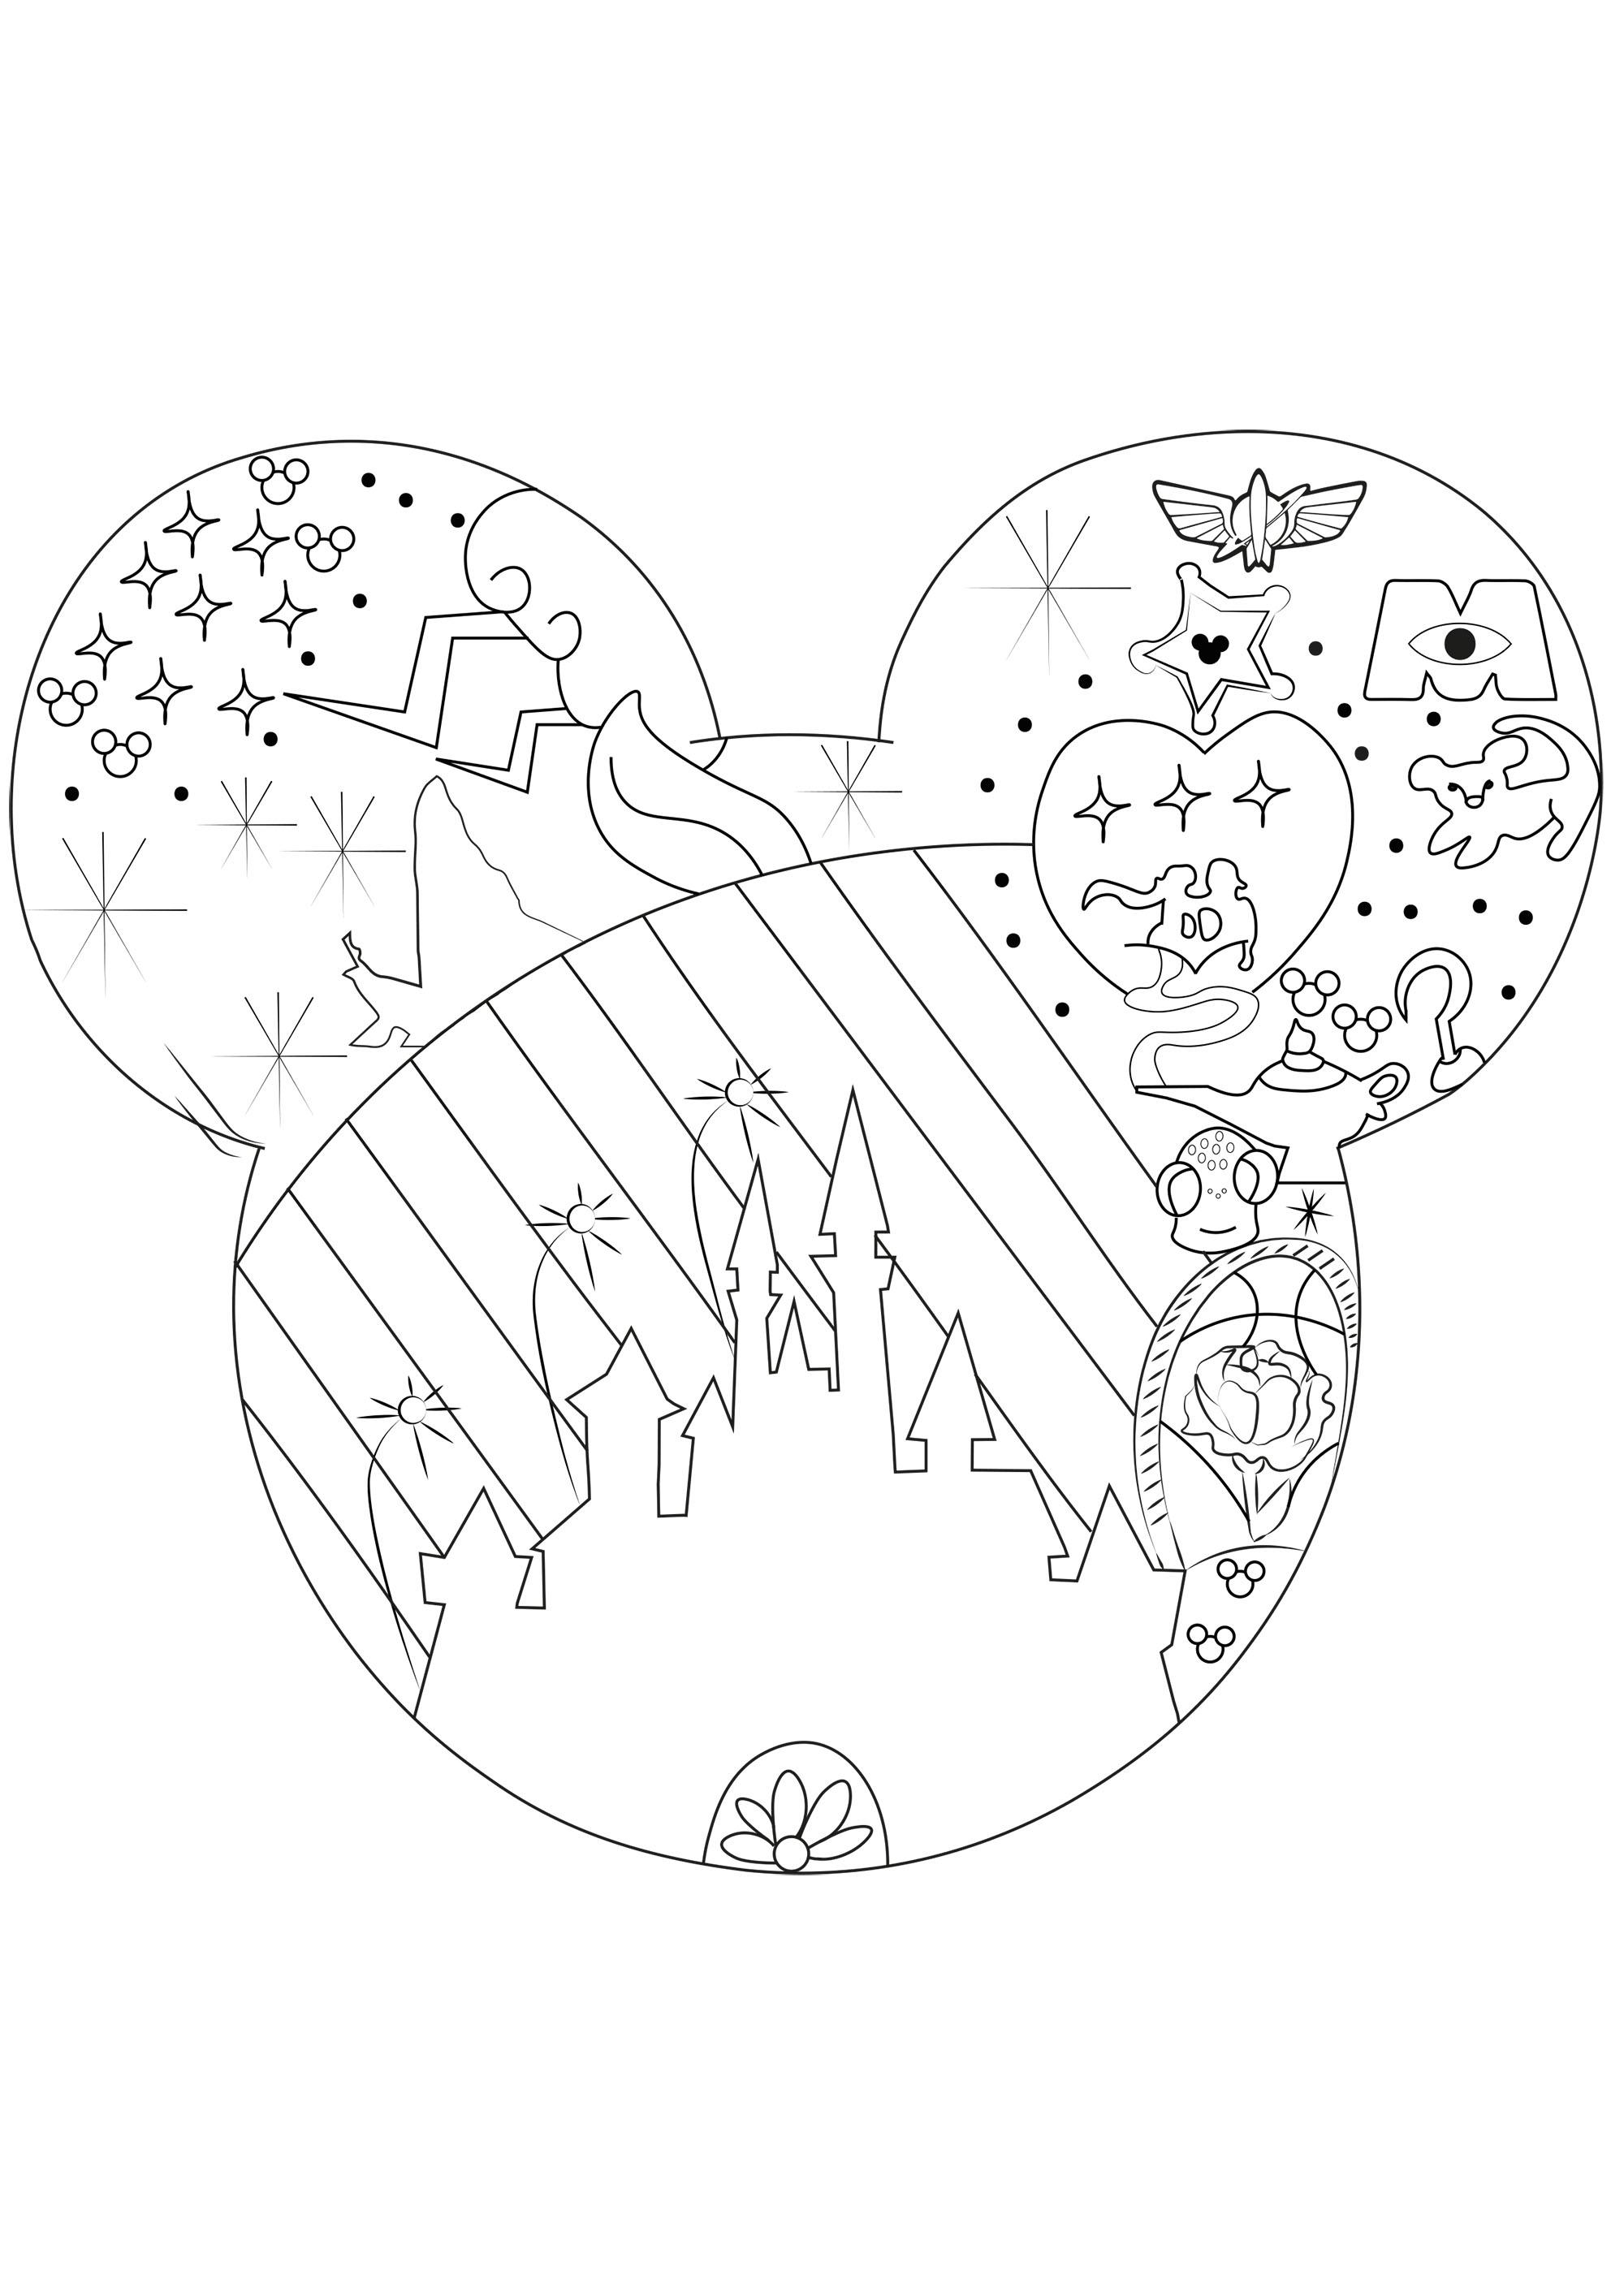 Disegni da Colorare per Adulti : Ritorno all infanzia - 1